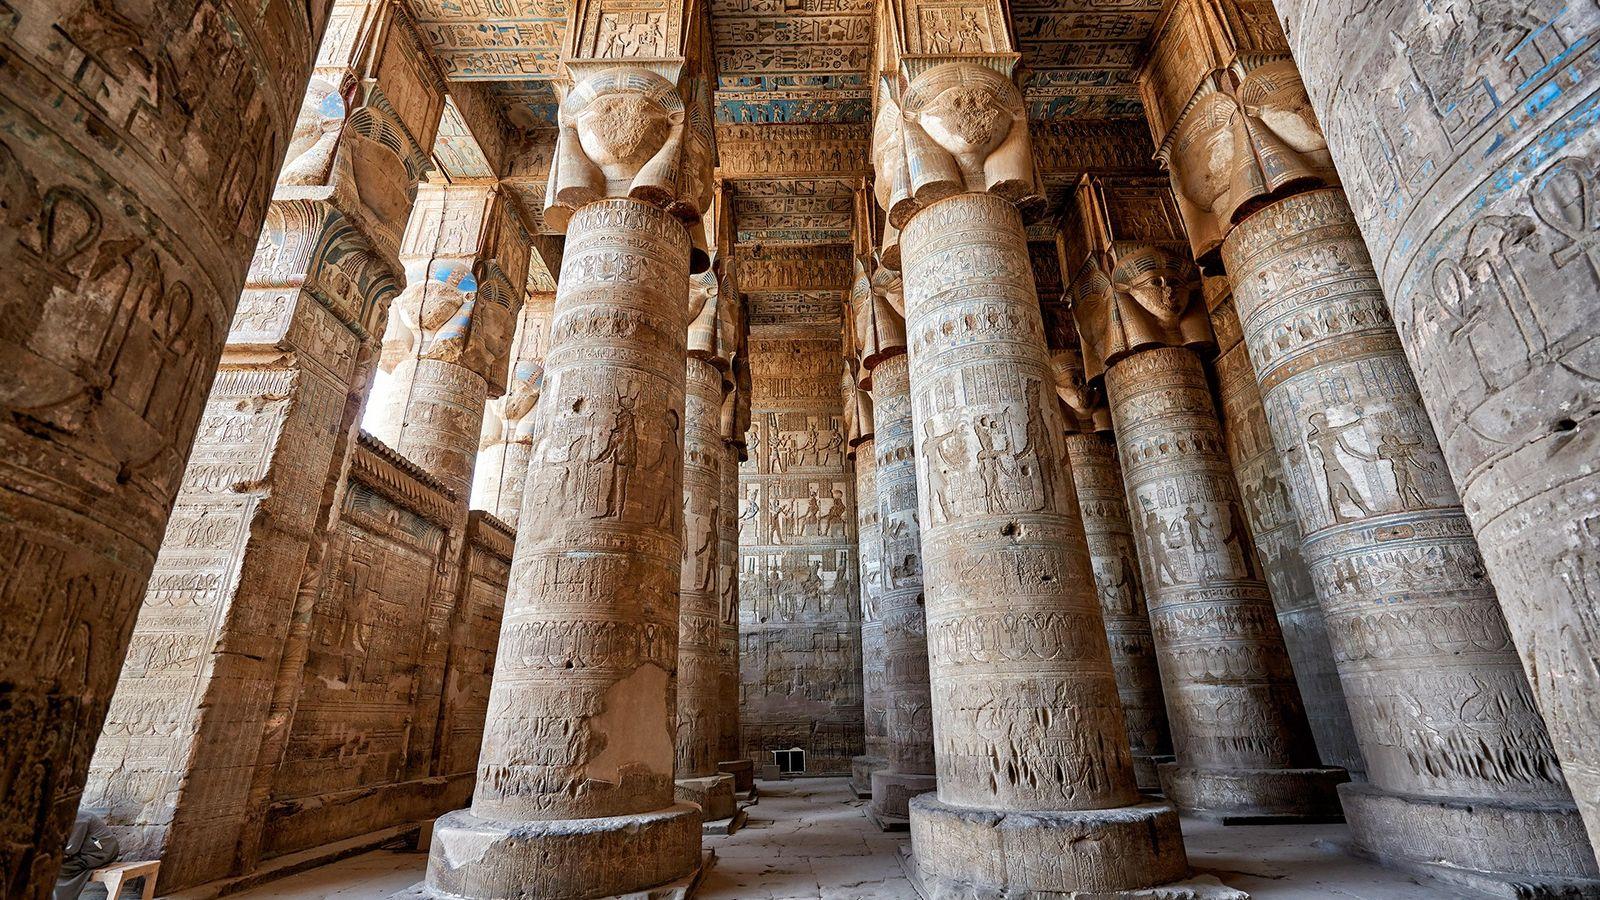 Ces colonnes du temple d'Hathor situé à Dendérah sont gravées de hiéroglyphes de l'Égypte ptolémaïque.